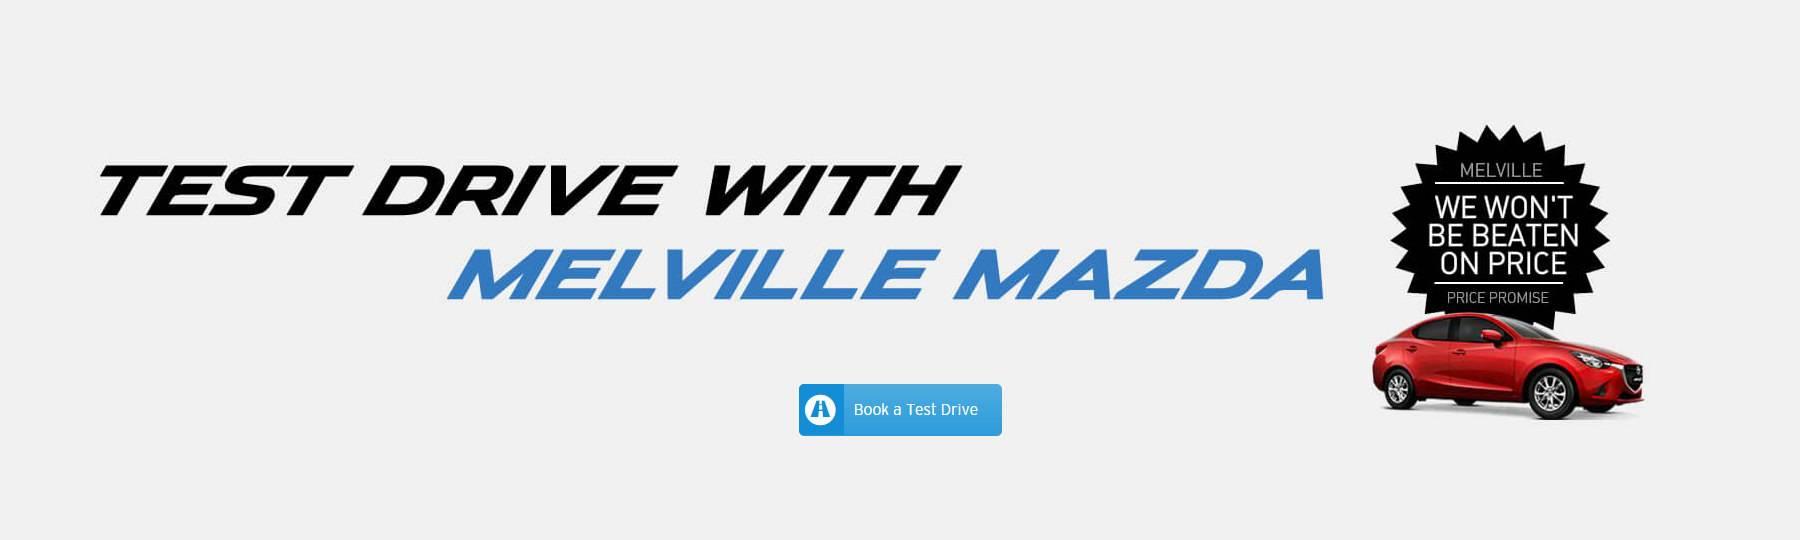 Melville Mazda Perth Mazda Deals - Book A Test Drive